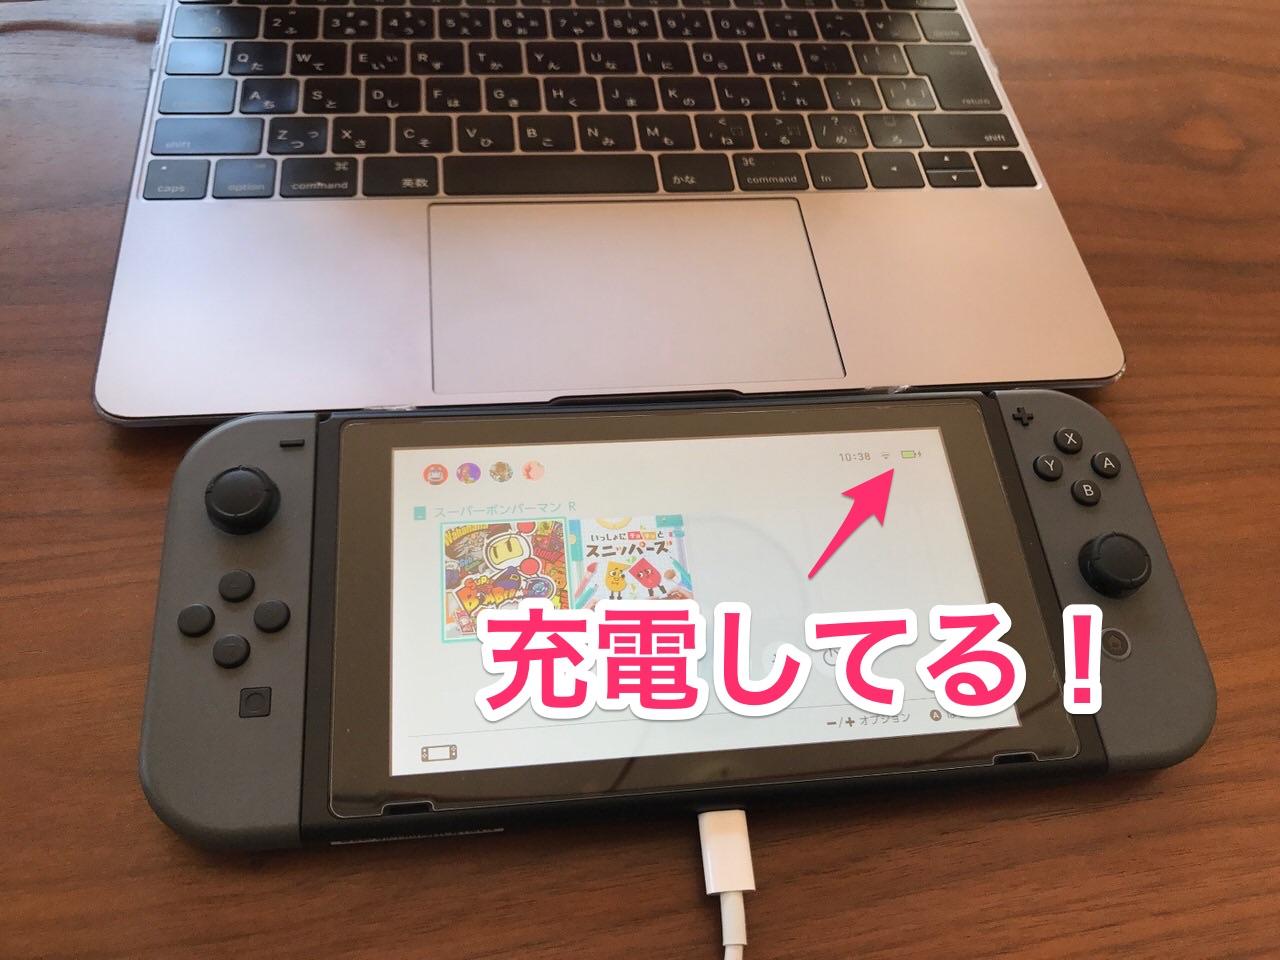 Nintendo switch macbook 03823